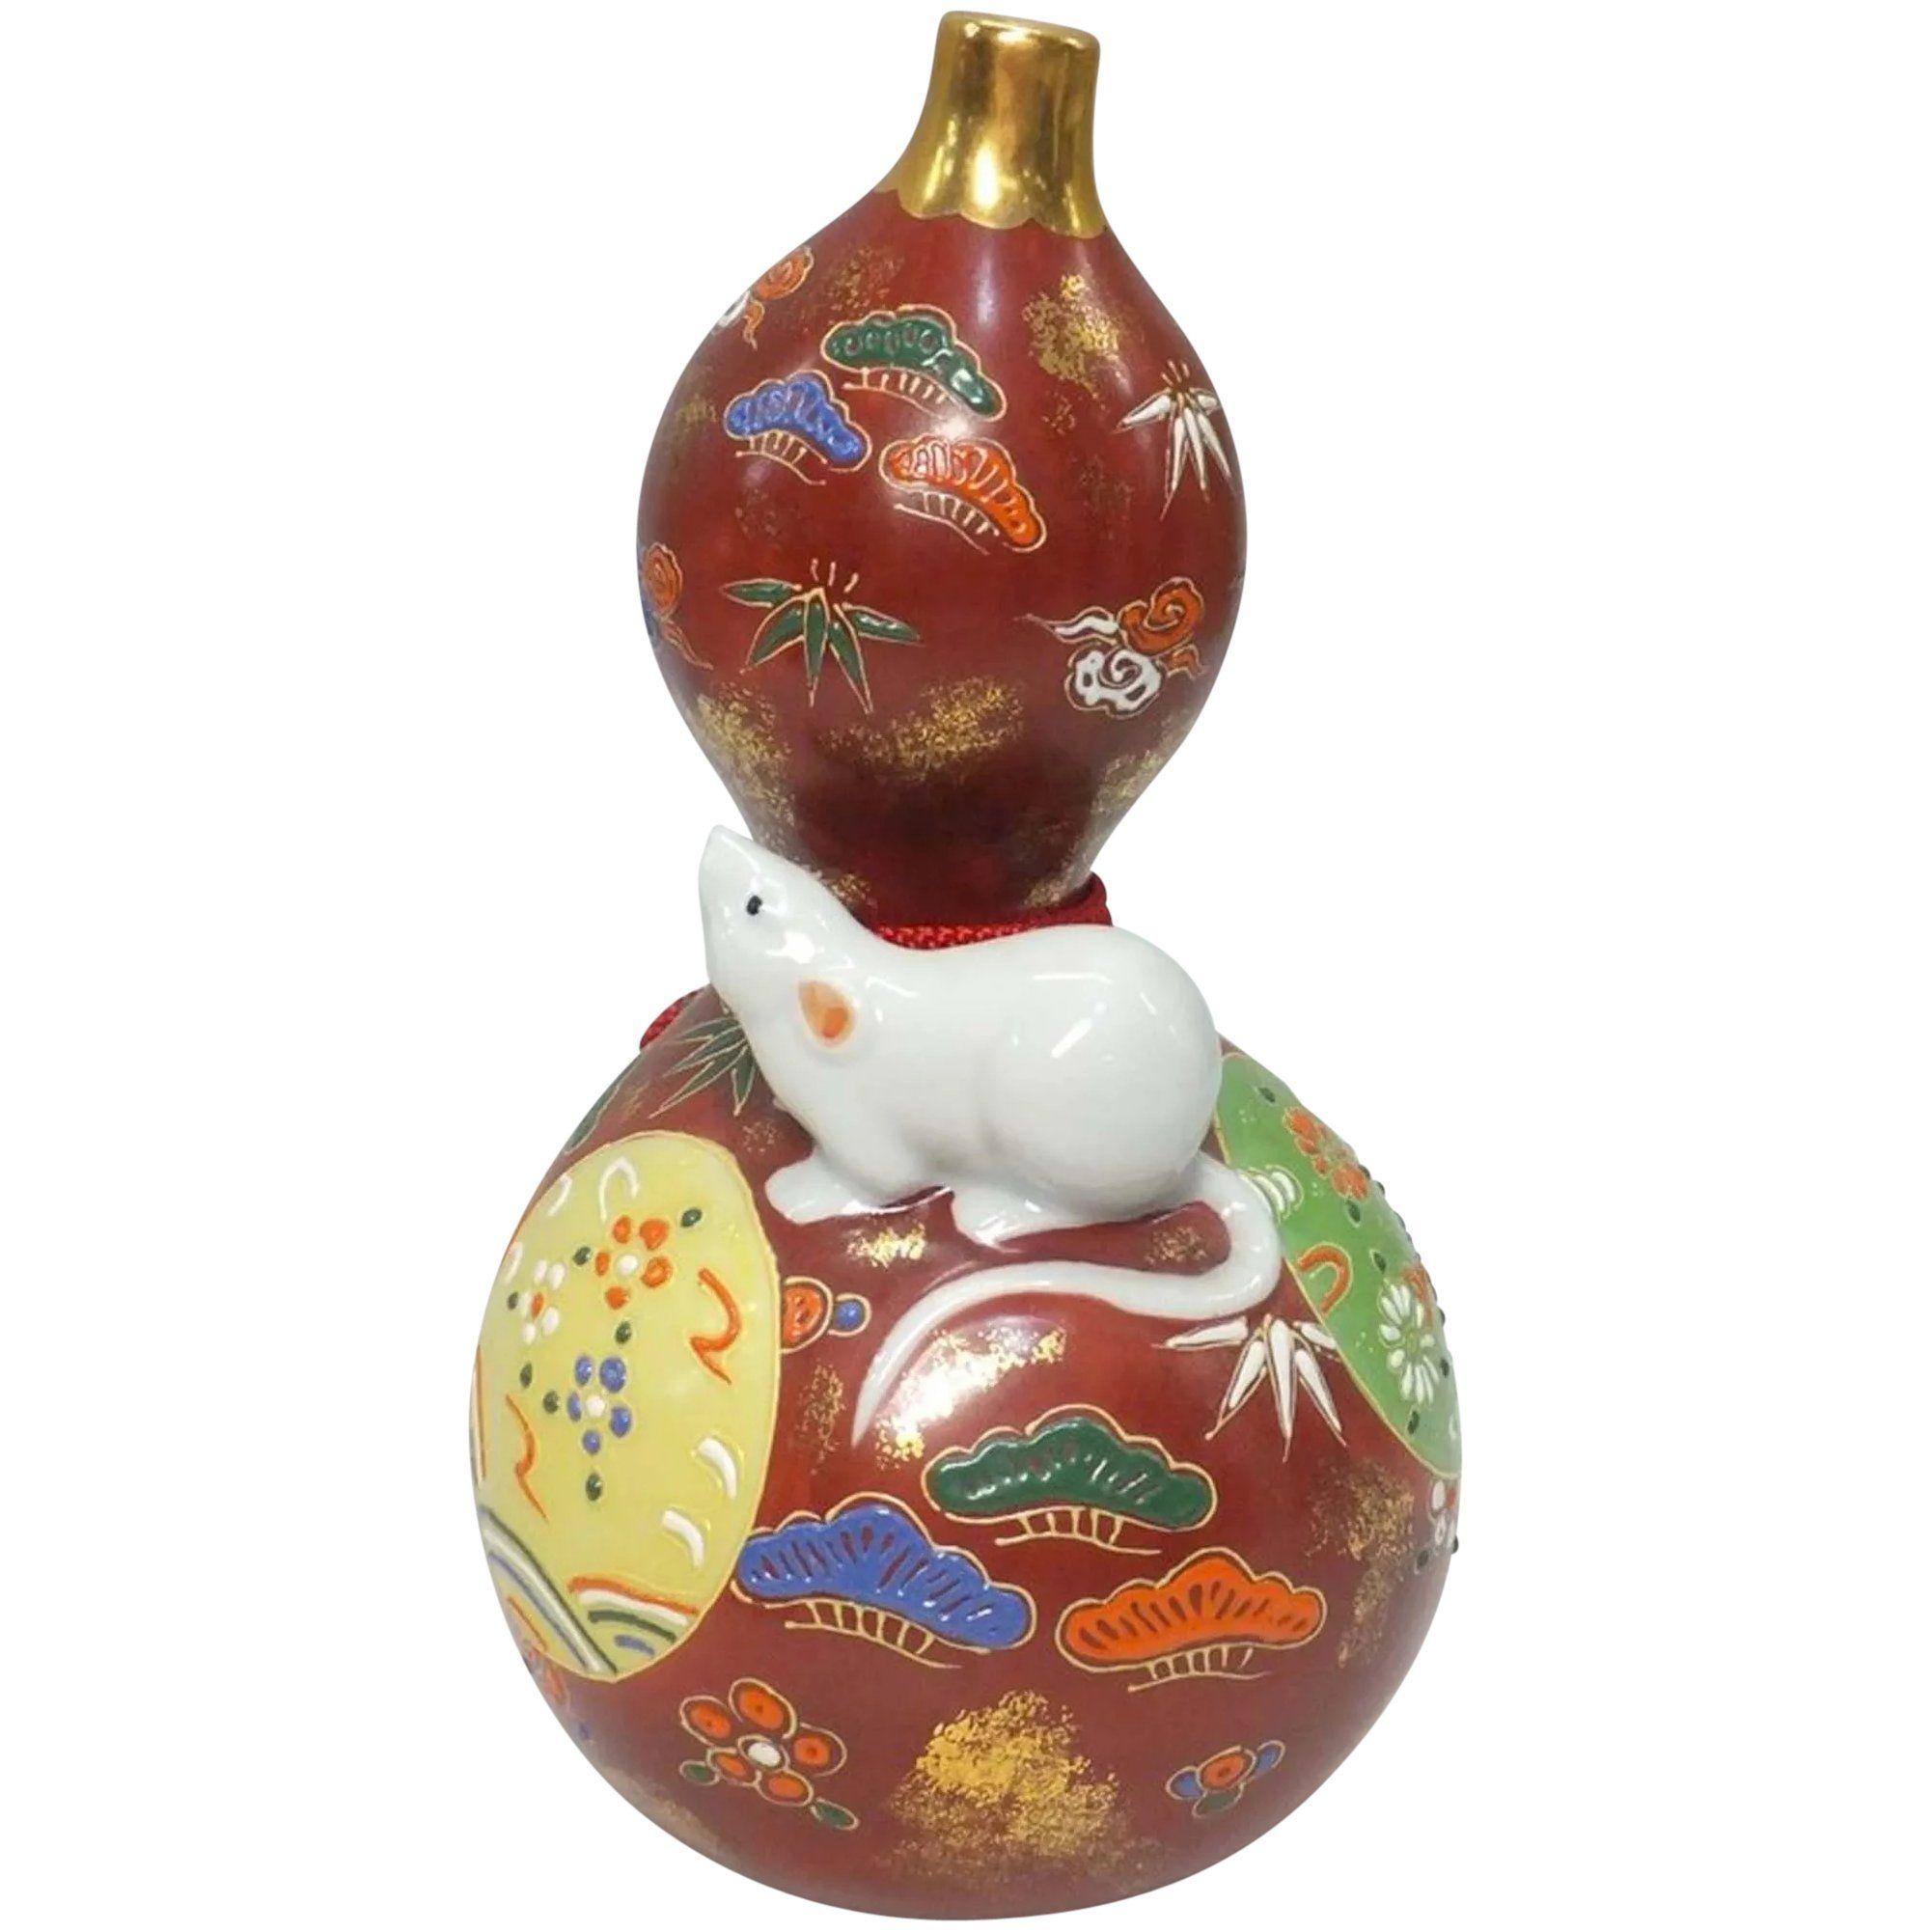 Japanese vintage kutaniyaki porcelain gourd bottle by